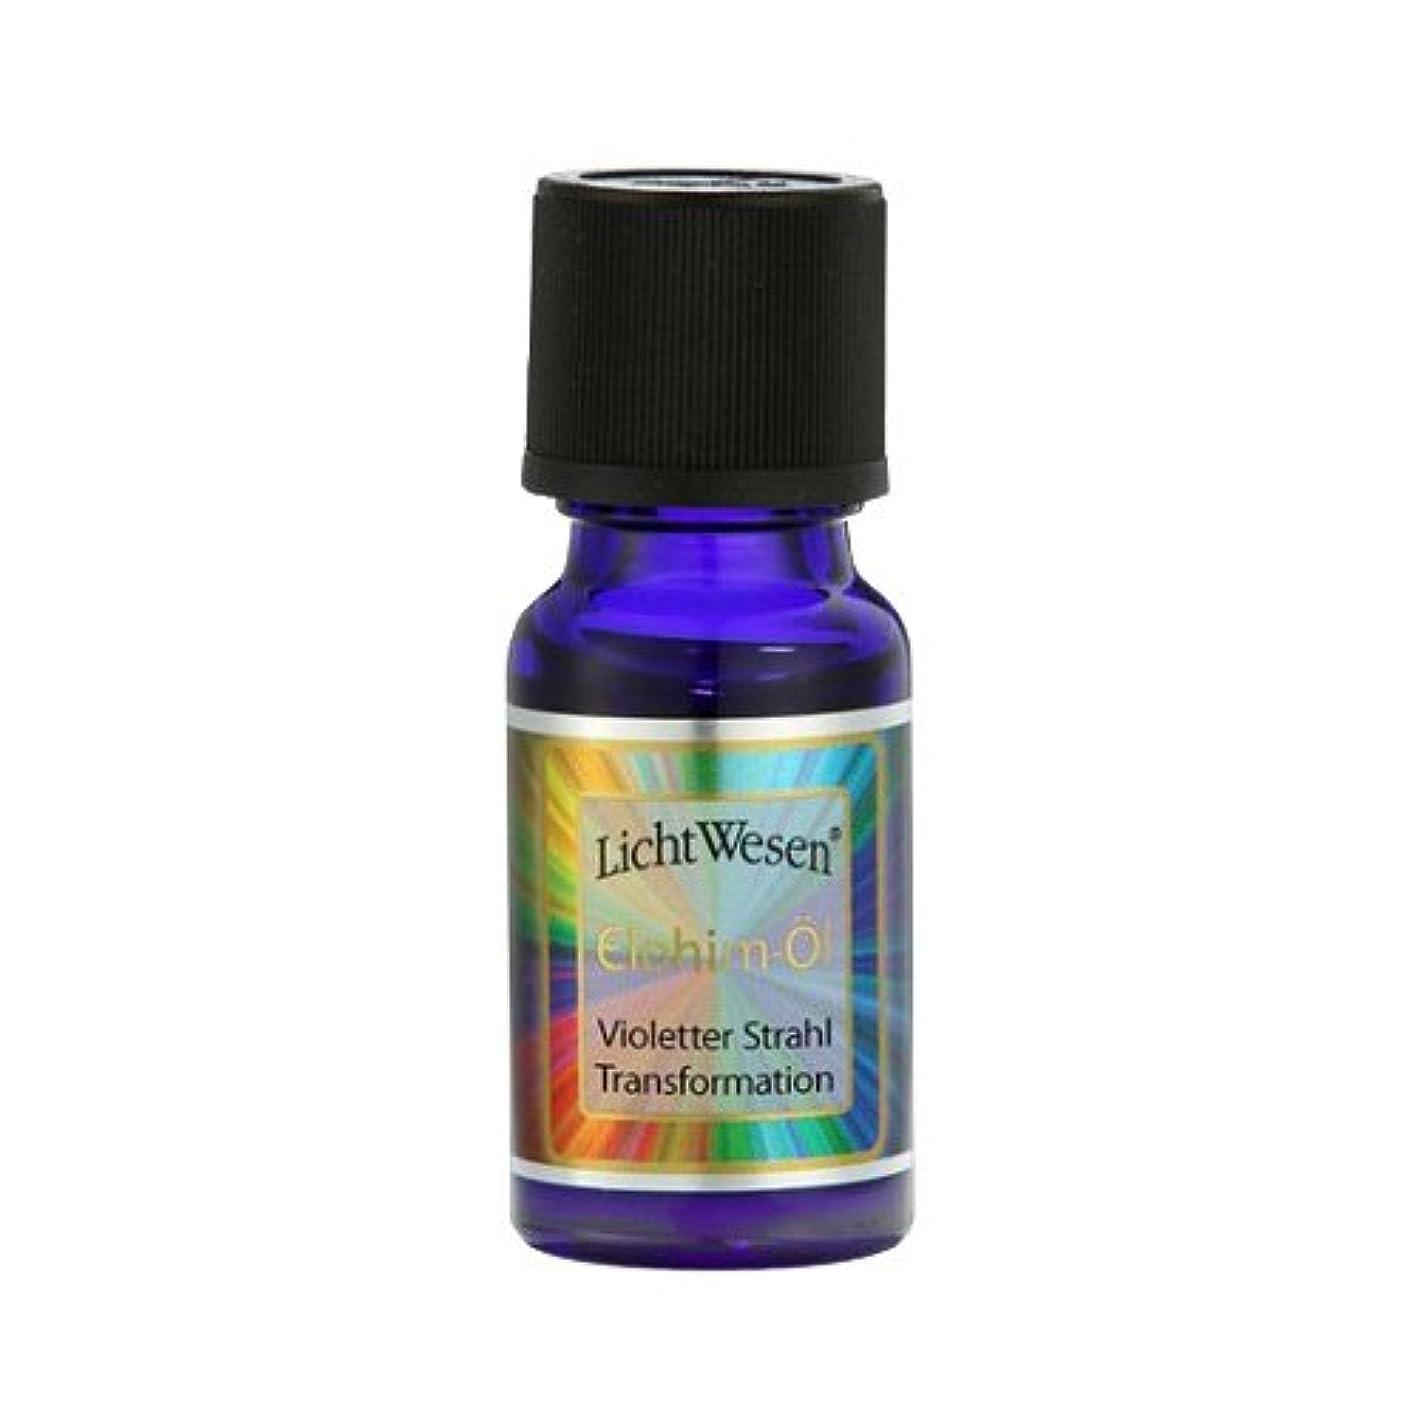 器具けがをする天気リヒトヴェーゼン No.61 エロヒム天使 紫の光 エネルギーオイル 10ml